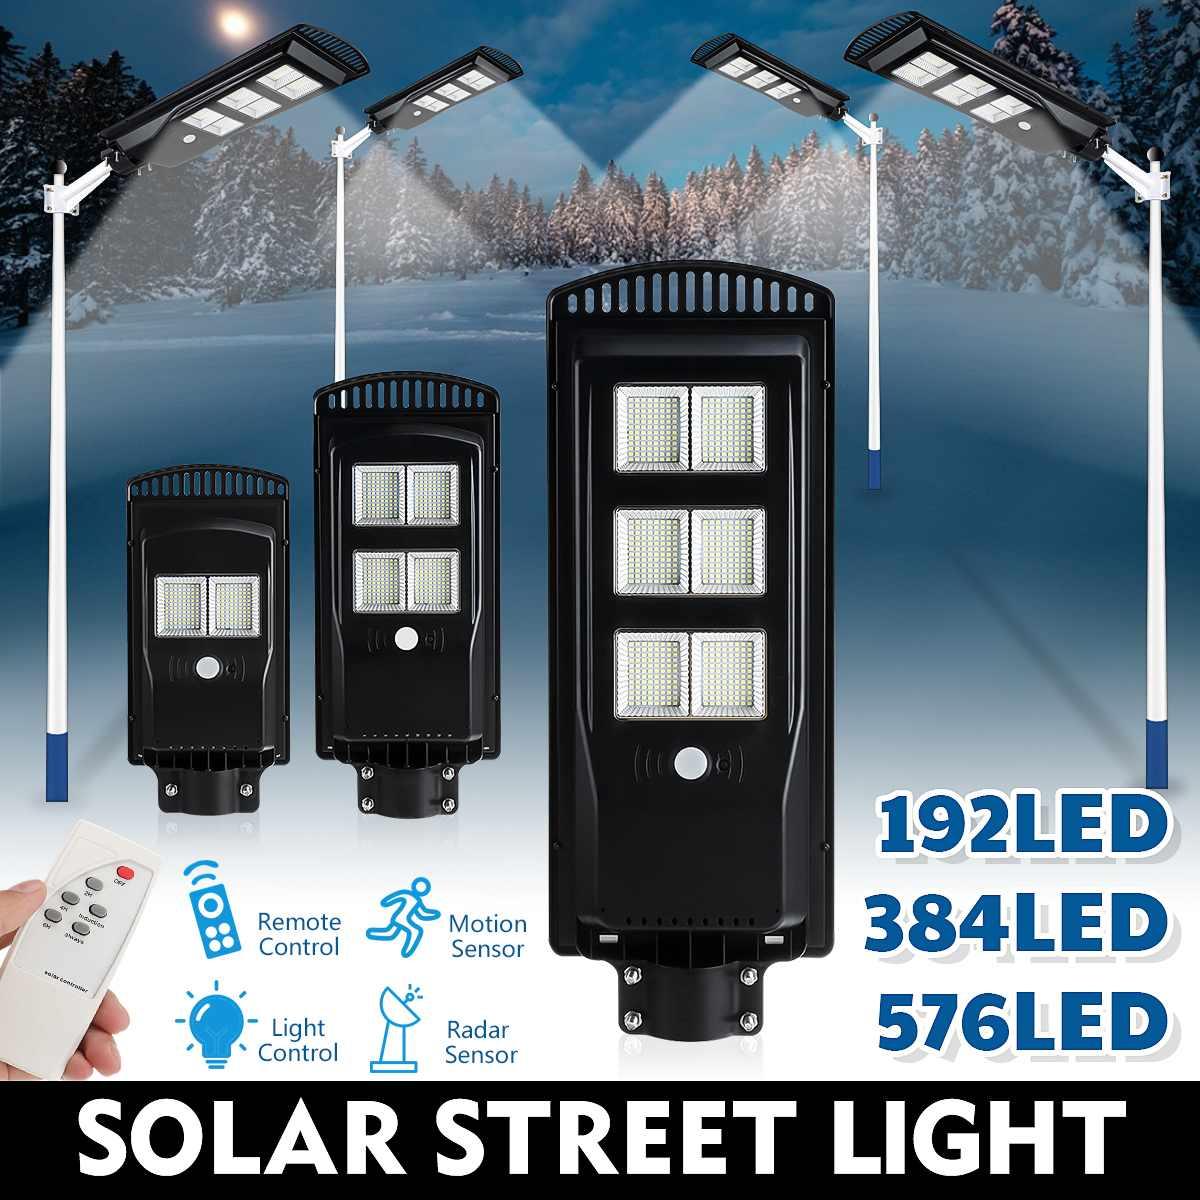 200W 300W 450W lampadaire solaire LED avec télécommande PIR capteur de mouvement extérieur jardin industriel sécurité applique murale